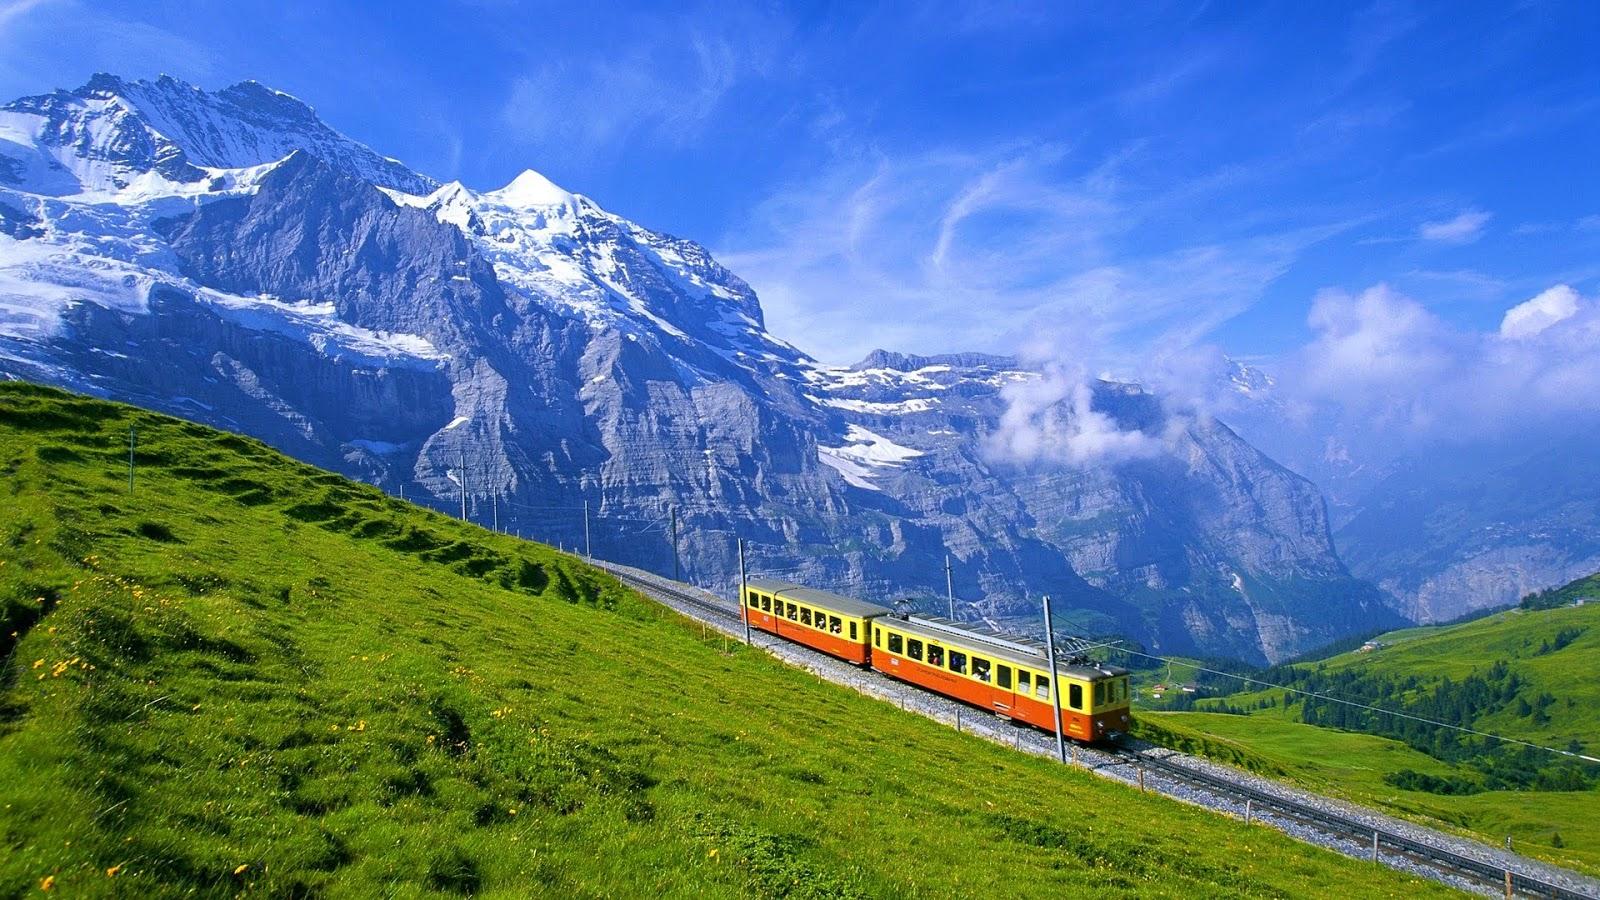 красивые места швейцария фото